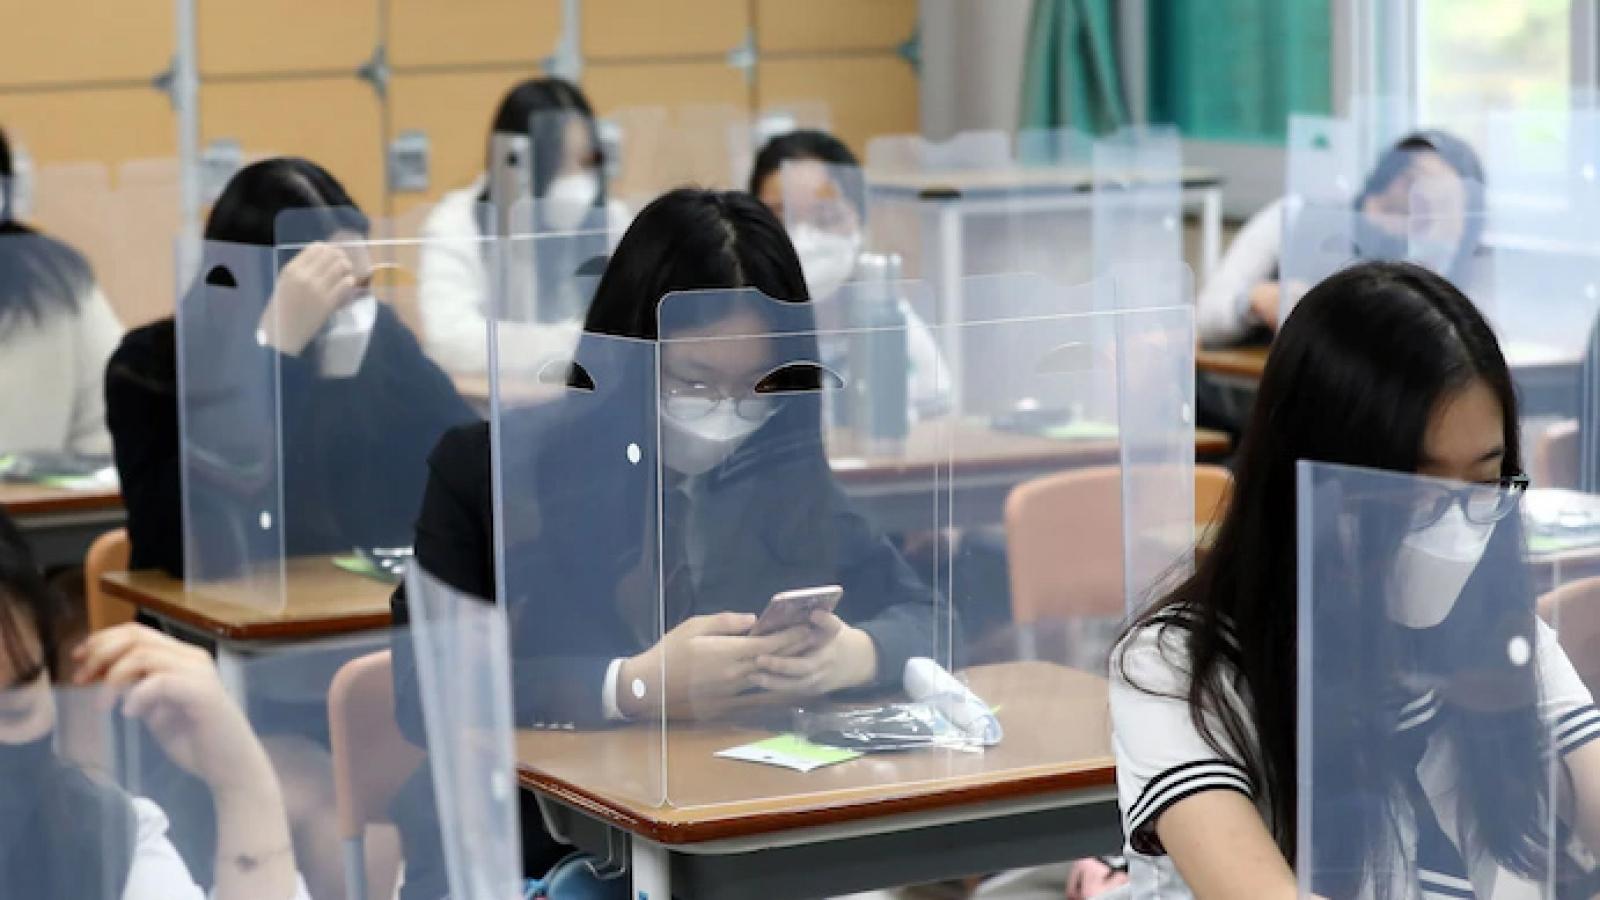 Hàn Quốc: Hơn 2 triệu học sinh trở lại trường bất chấp Covid-19